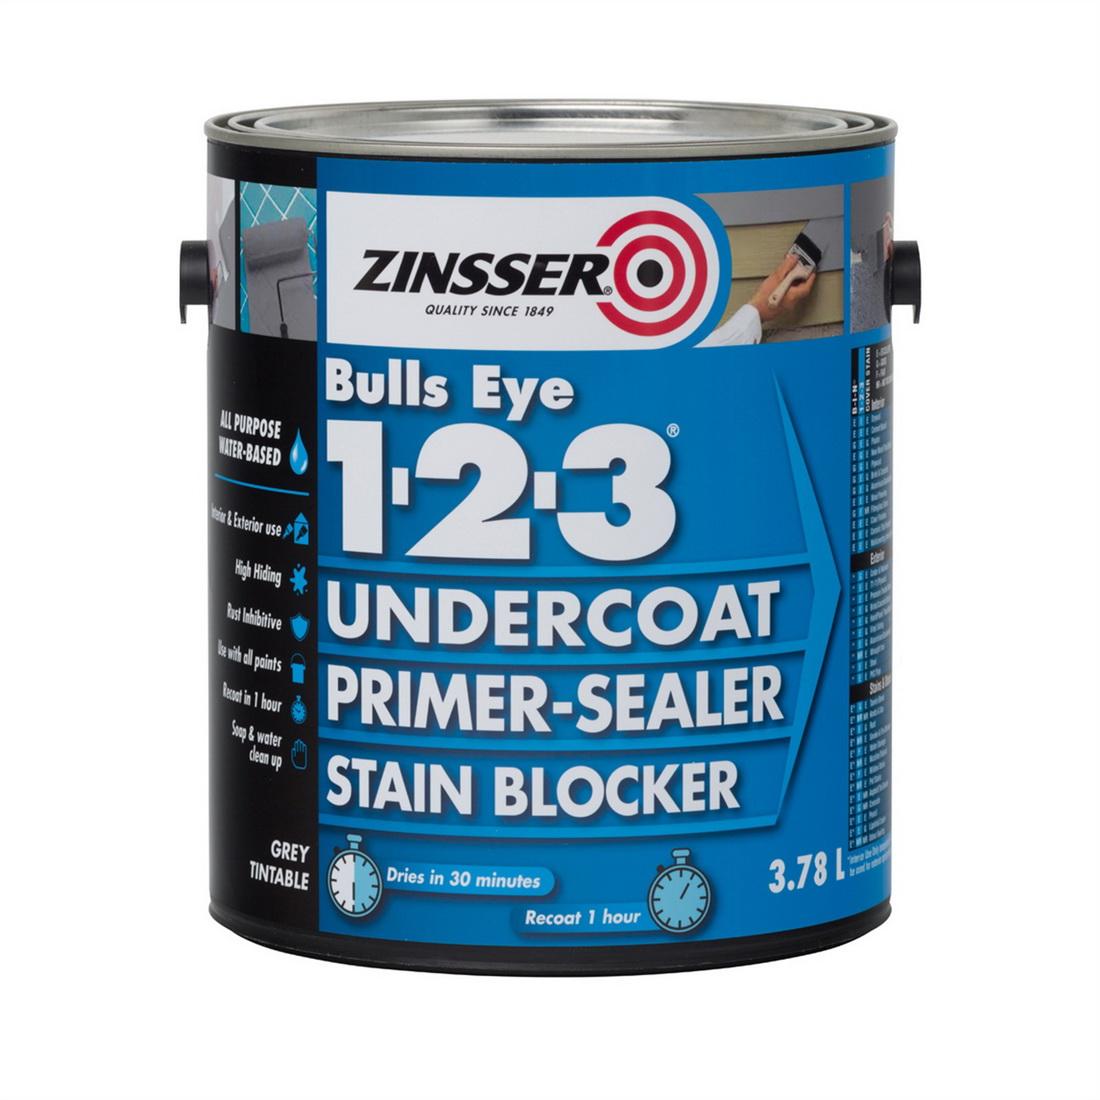 Bulls Eye 123 Primer Sealer 3.78L